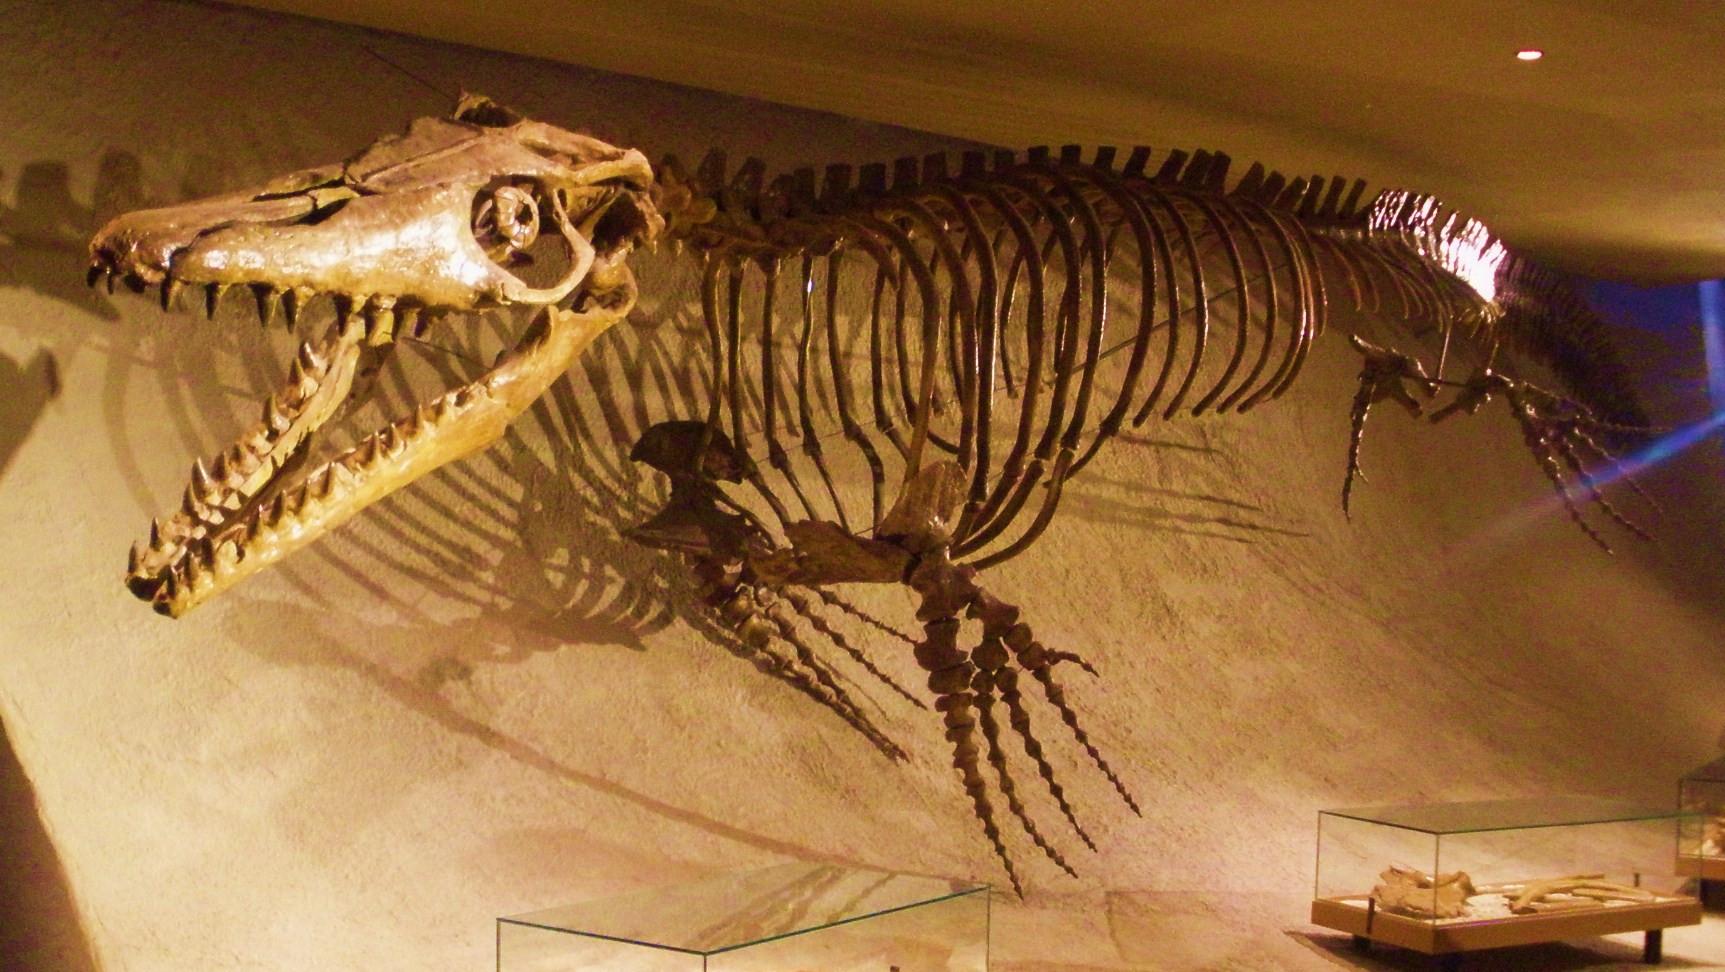 """Mosasaurus (""""Echse von der Maas"""") ist eine Gattung der Mosasaurier (Mosasauridae), einer ausgestorbenen Familie großer Meeresreptilien aus der Zeit der Oberkreide. Die Gattung war namensgebend für die Mosasauridae, Schuppenkriechtiere, die hochgradig an eine aquatische Lebensweise angepasst waren. William Daniel Conybeare veröffentlichte 1822 die Erstbeschreibung der Gattung.[1] Mosasaurus war einer der letzten, am weitesten entwickelten und größten Mosasaurier. Lebendrekonstruktion von M. hoffmannii Das erste Fossil, der Schädel des Holotypus (NMHN AC. 9648), wurde etwa 1770 von niederländischen Bergleuten in der Nähe von Maastricht gefunden. Nach dem Einmarsch französischer Truppen wurde der Schädel 1794 als Kriegsbeute nach Paris gebracht. Dort fand eine erste Untersuchung durch den französischen Naturforscher Georges Cuvier statt. Die größte Art der Gattung, M. hoffmannii, erreichte wahrscheinlich knapp 18 Meter Gesamtlänge. Sie ist auch die Typusart. Gideon Mantell benannte 1829 die Art nach dem vermeintlich an der Bergung des Schädels beteiligten Militärchirurgen Johann Leonard Hoffmann.[2] Mosasaurus war das erste Reptil, bei dem anerkannt wurde, dass es eine nicht mehr existierende Art aus einer Vorwelt war. Zuvor hielt man Fossilien für Überreste rezenter (oder vielmehr unveränderlicher) Arten."""